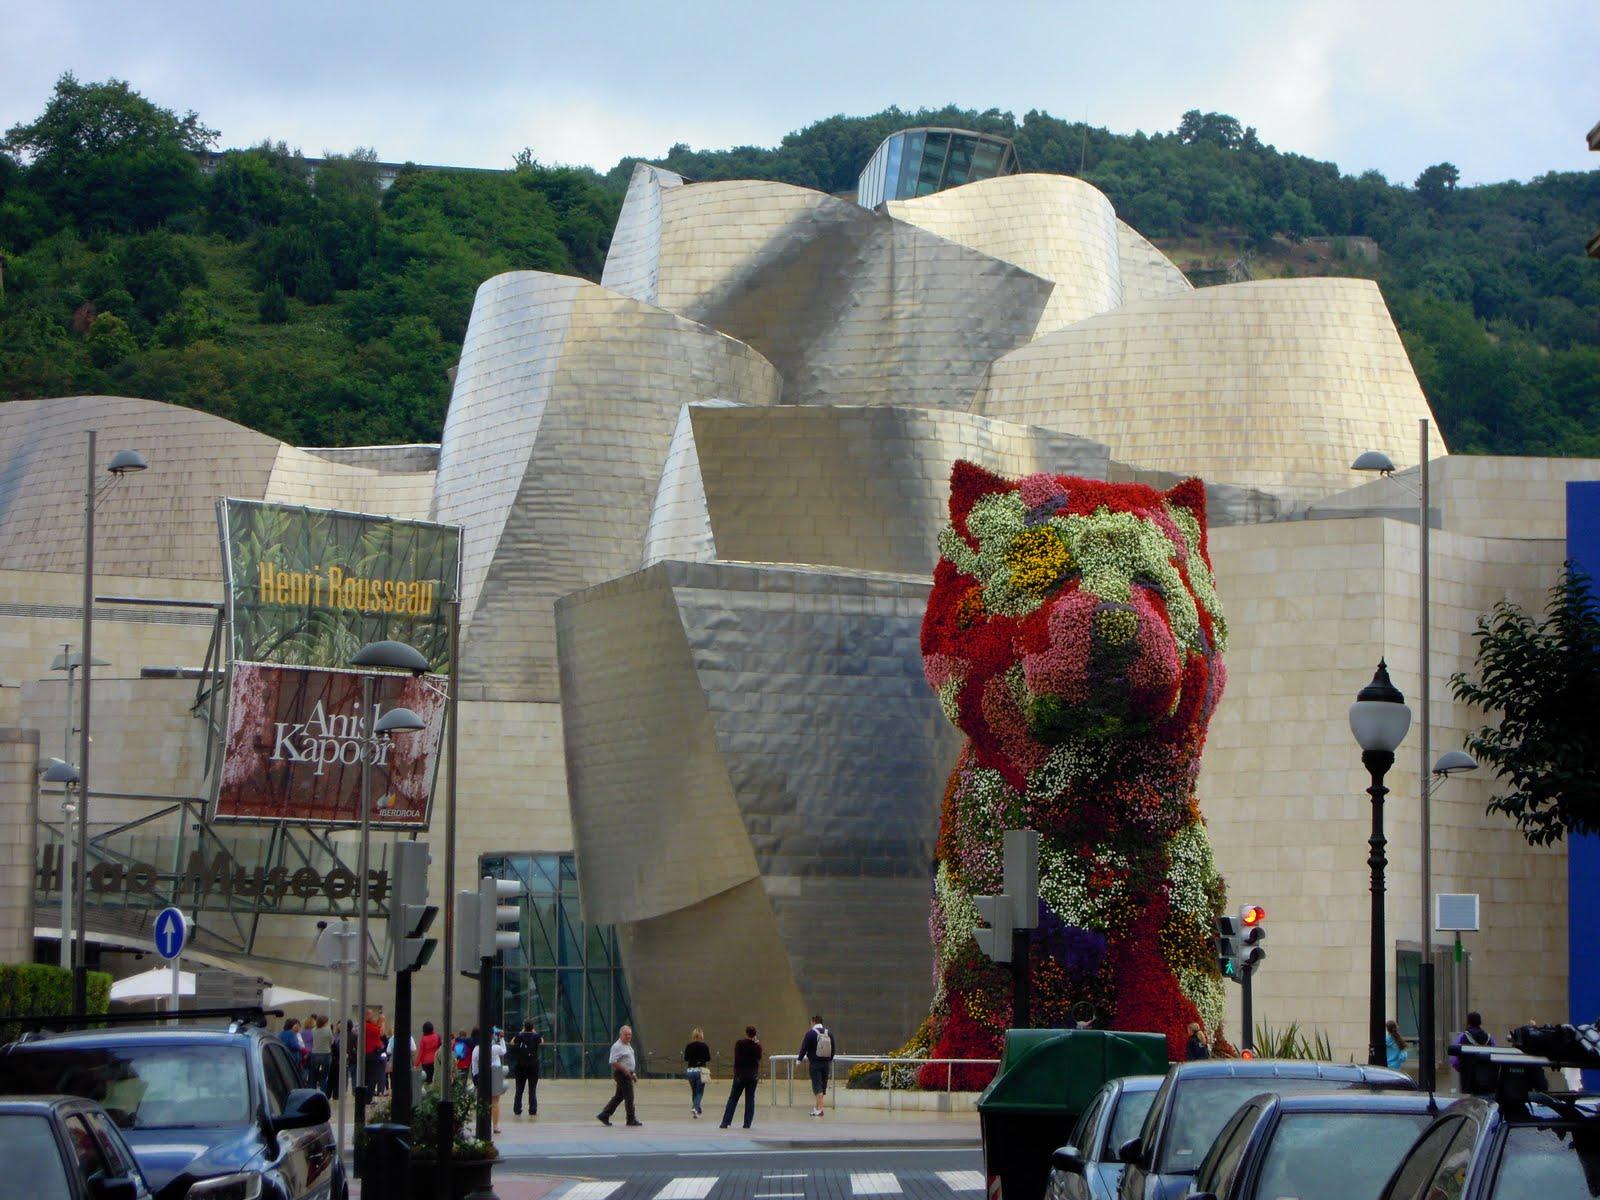 http://2.bp.blogspot.com/_iEBhg8_en5E/THqTP3l6T3I/AAAAAAAACow/hURz56ctvDk/s1600/Guggenheim+Museum,+Bilbao+2010.JPG